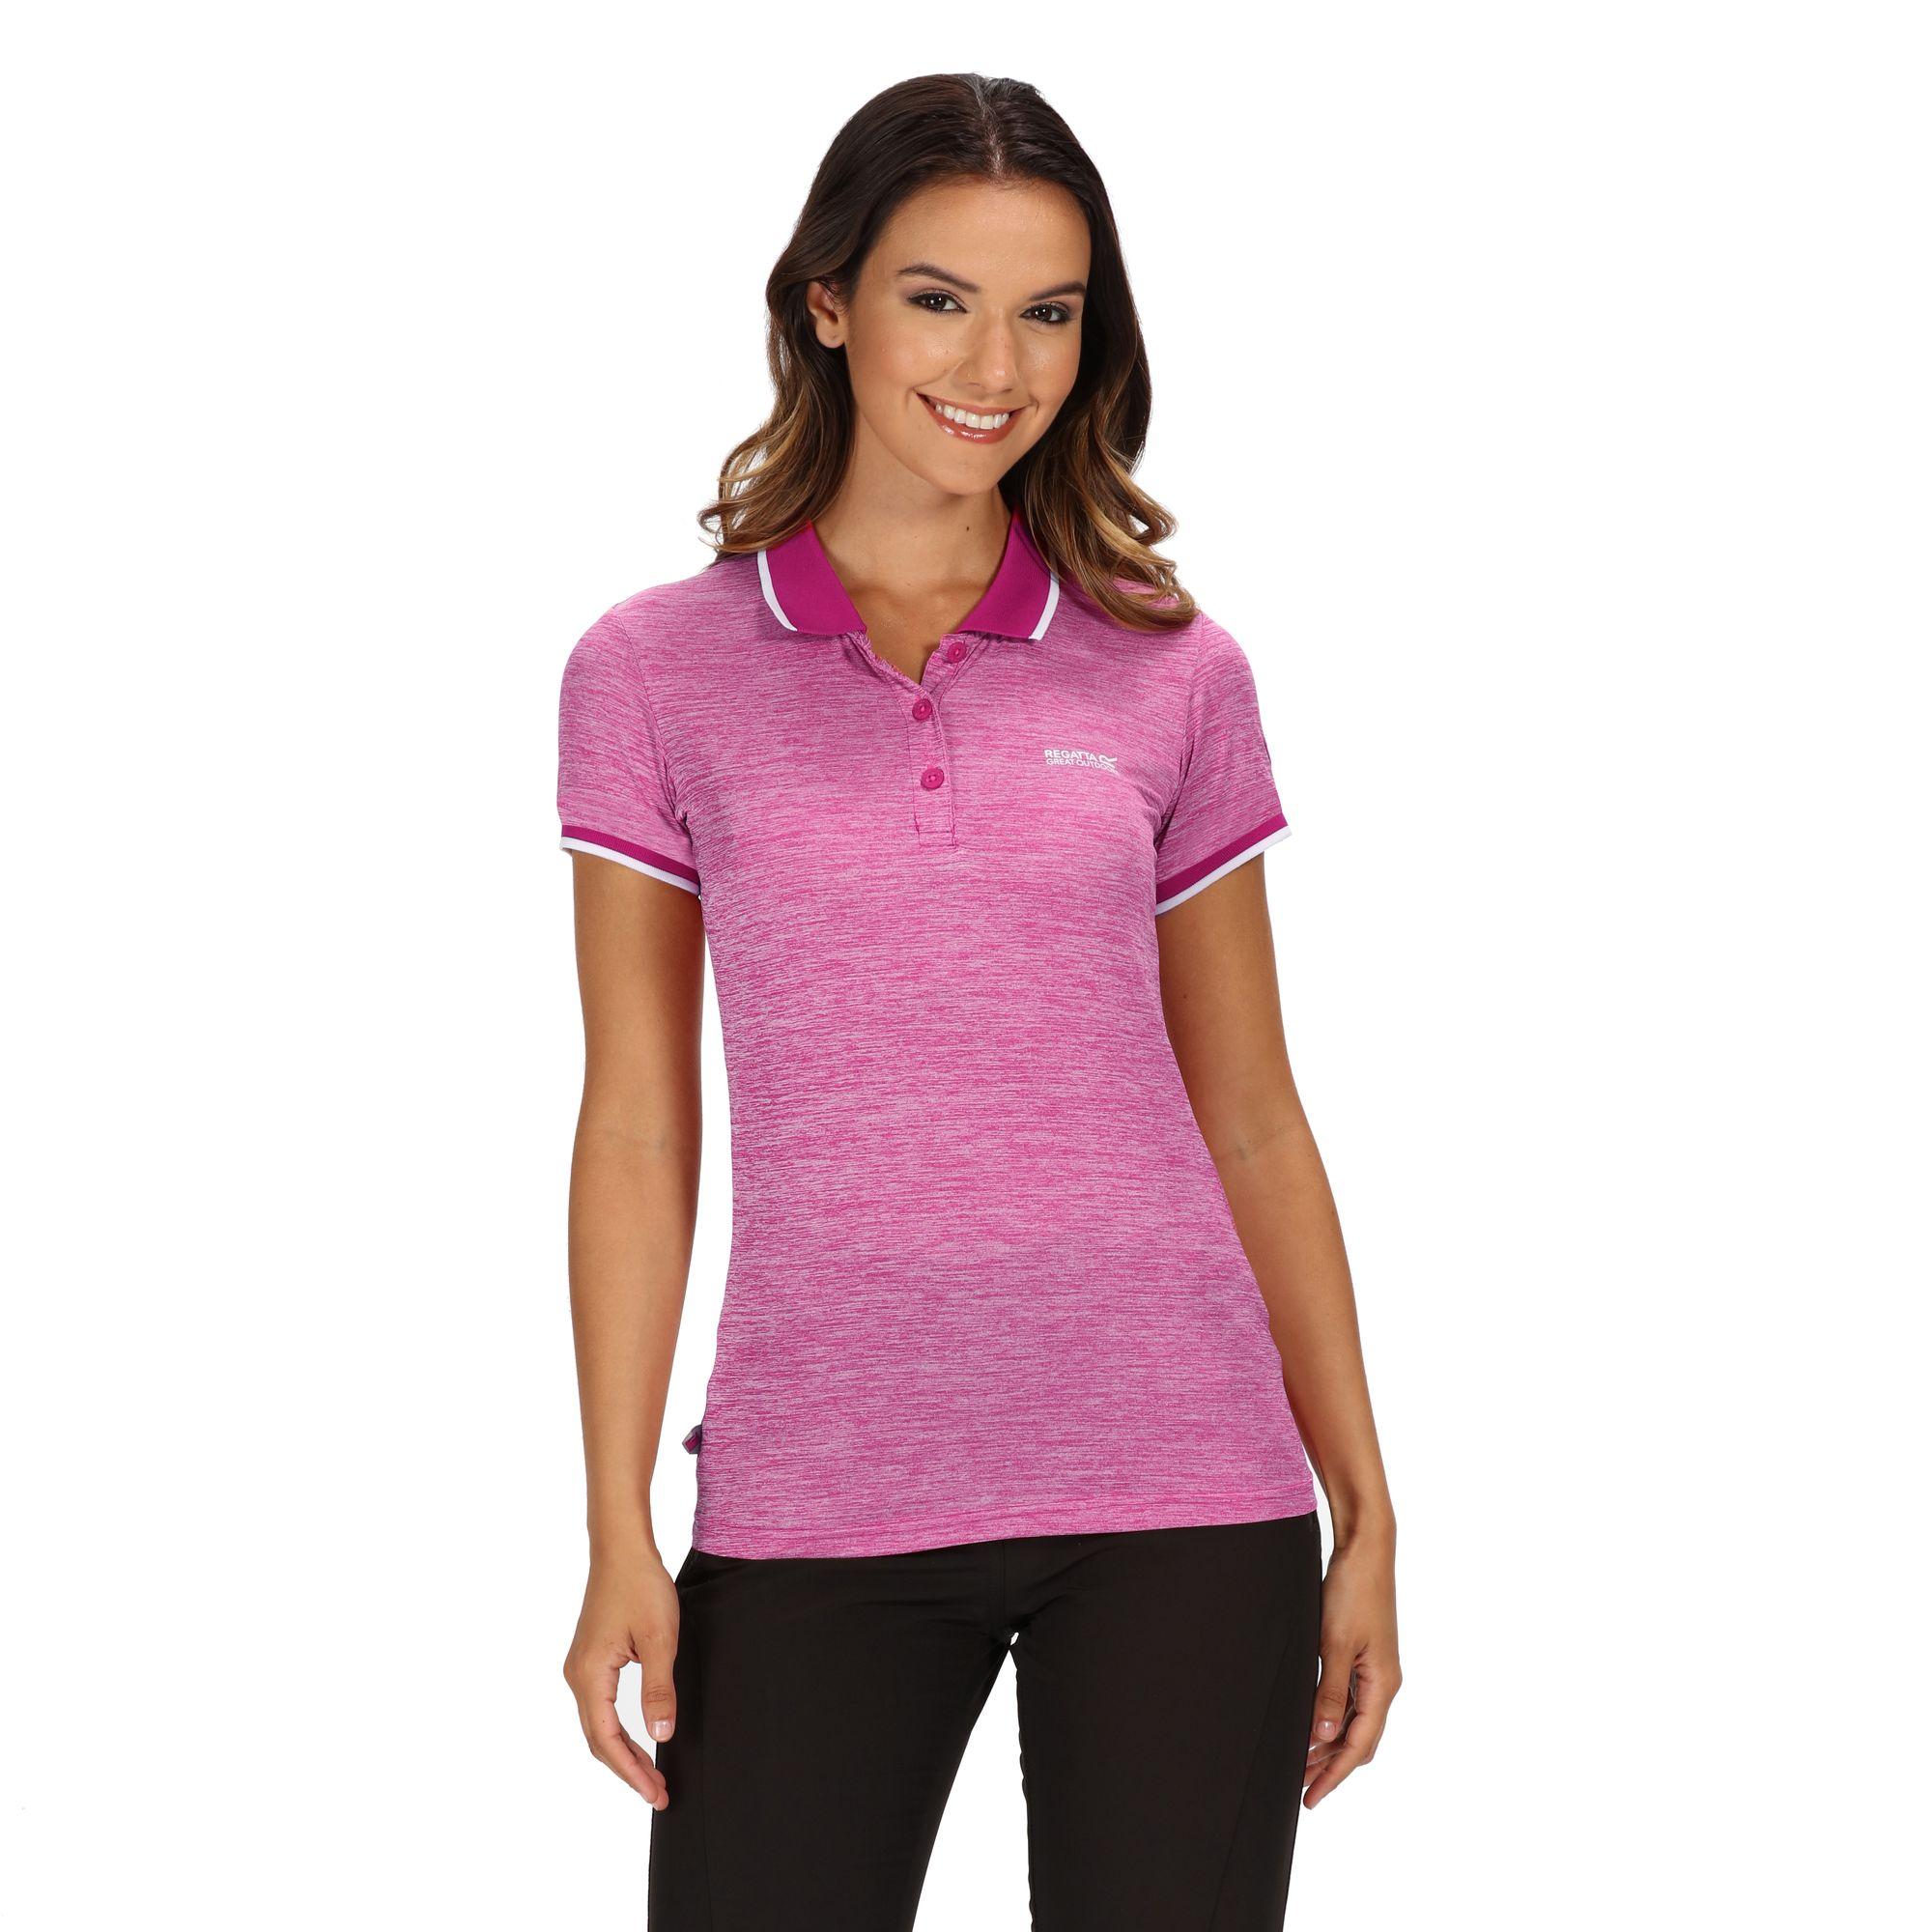 Regatta-Womens-Ladies-Remex-II-Polo-Neck-T-Shirt-RG4477 thumbnail 10